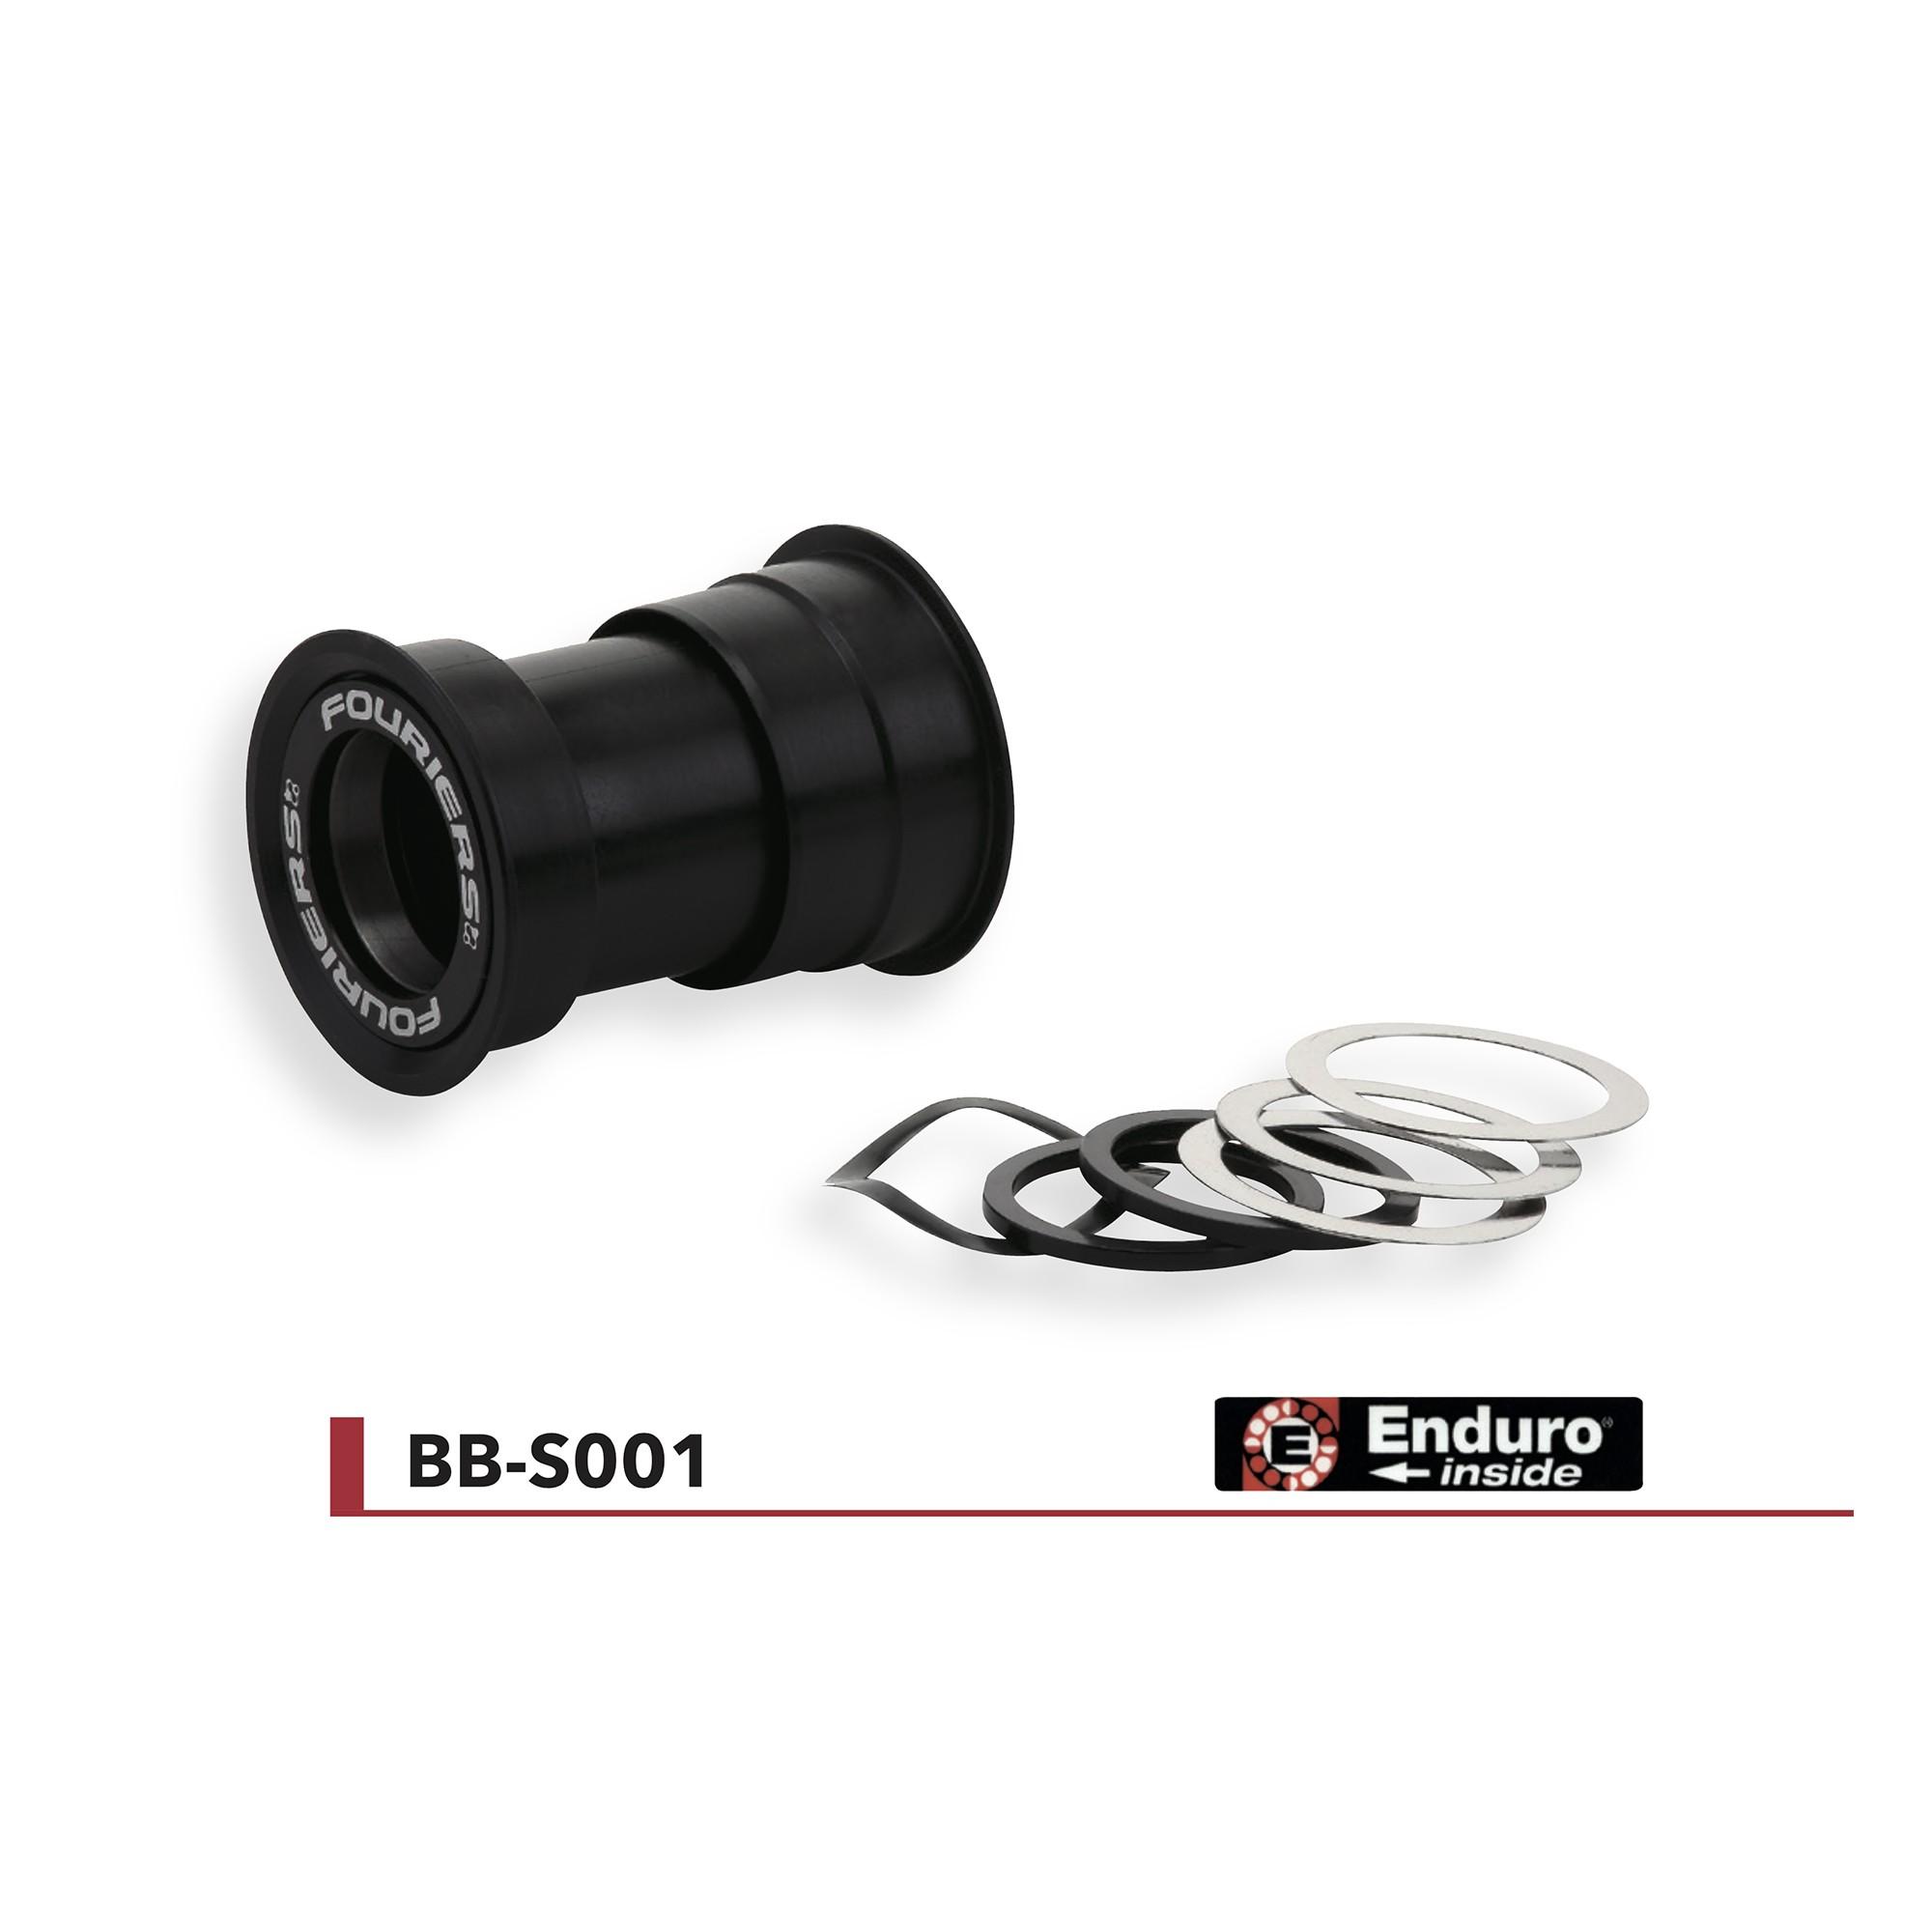 Boitier Pressfit pour pédalier BB30 Fouriers bb-s001